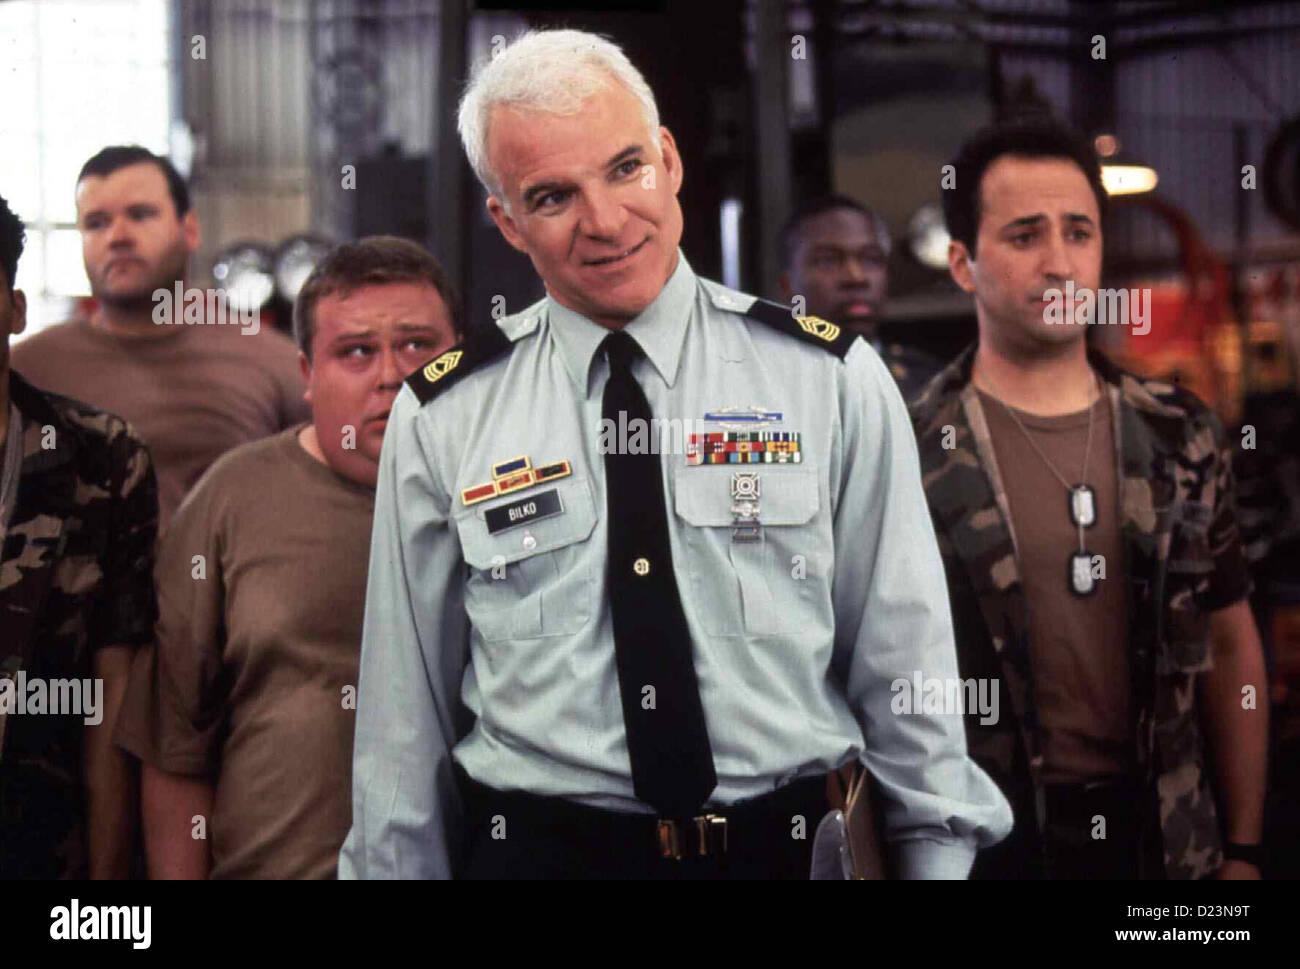 Immer Aerger Mit Sergant Bilko  Sgt. Bilko  Steve Martin Sgt. Bilko (Steve Martin,m) ist Offizier in der Armee. - Stock Image